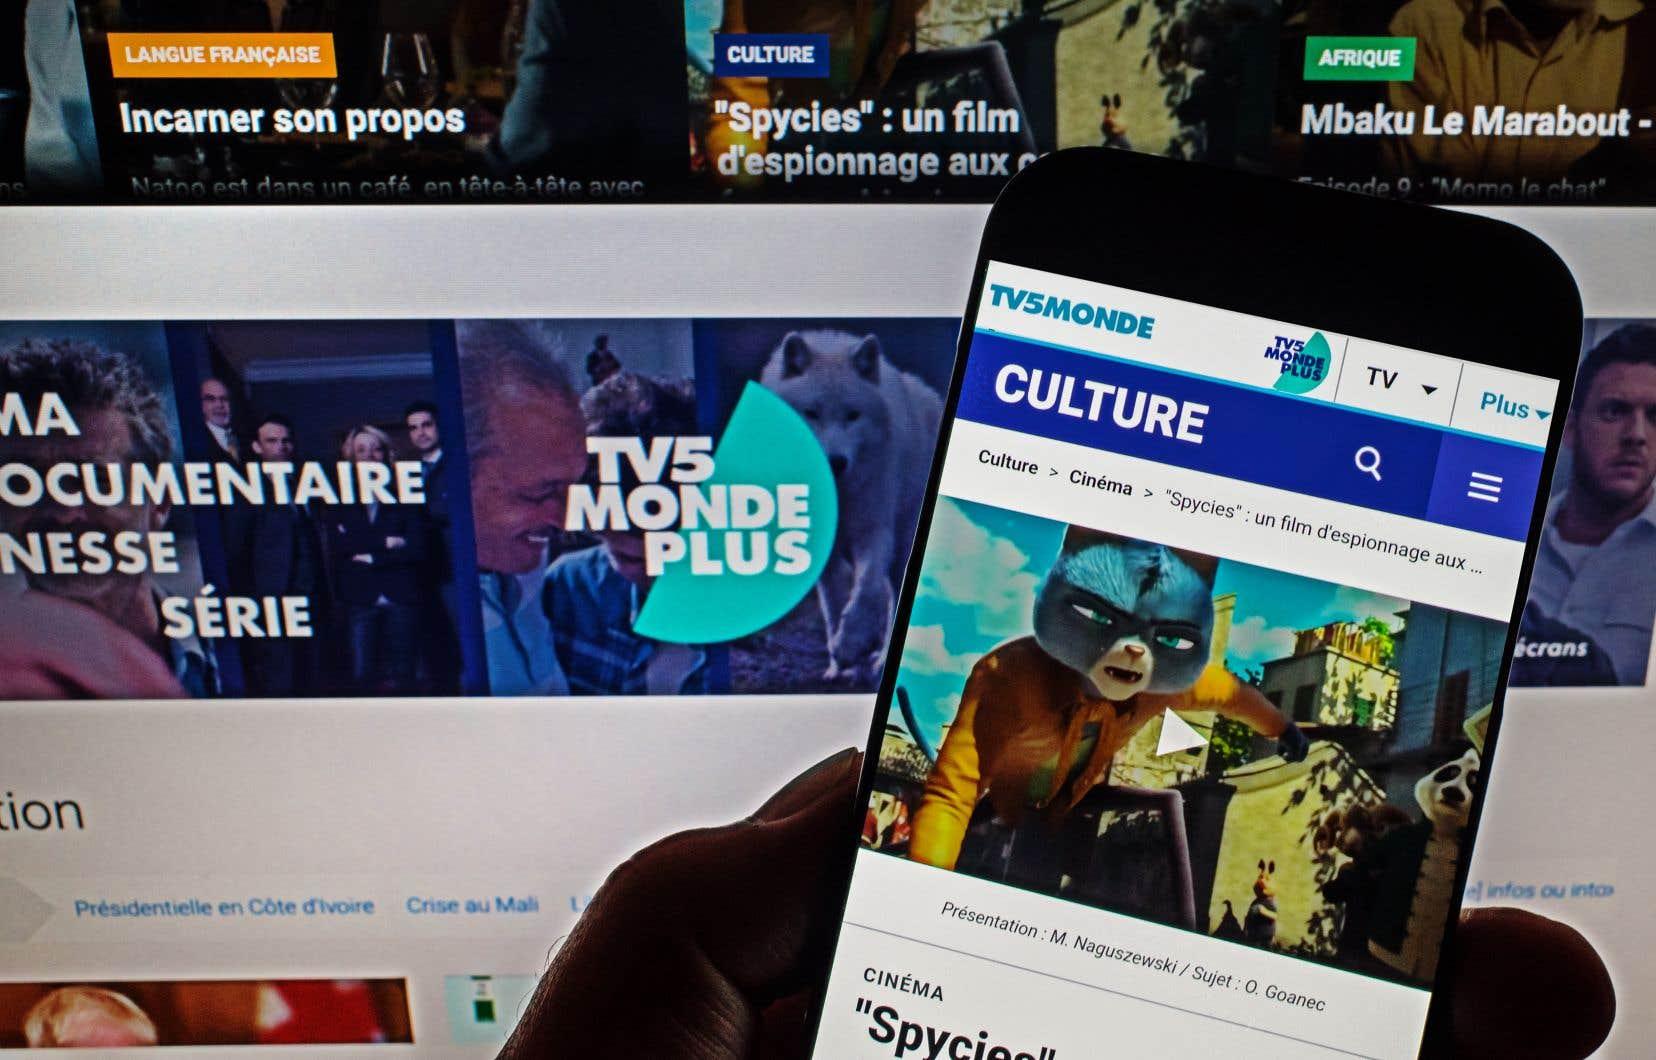 Au Canada, l'interface de la plateforme de TV5MondePlus ne sera pas directement accessible, mais les contenus seront accessibles en passant par deux sites liés à TV5.